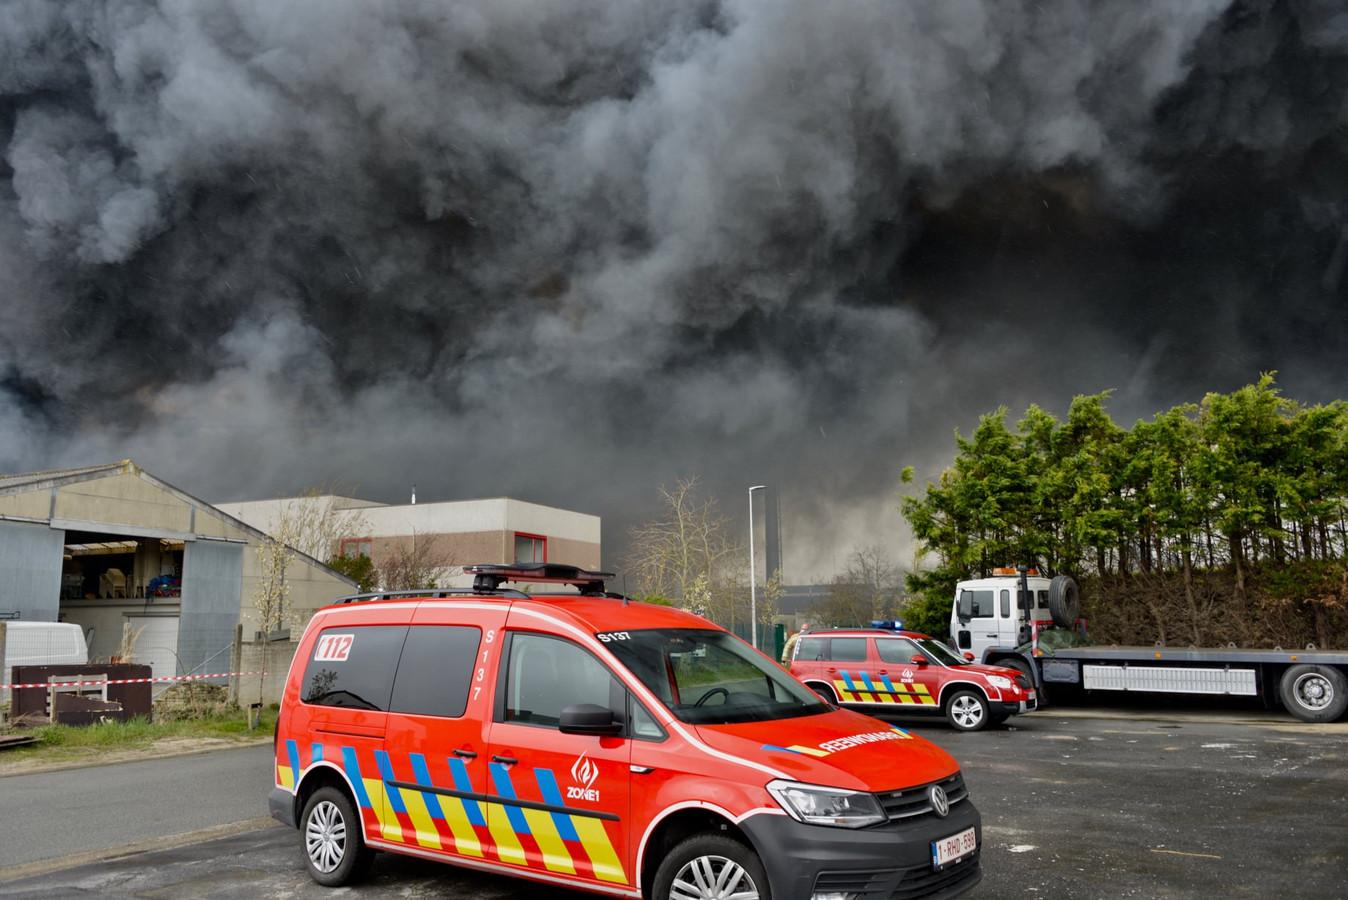 De brand ging gepaard met een dikke rookpluim